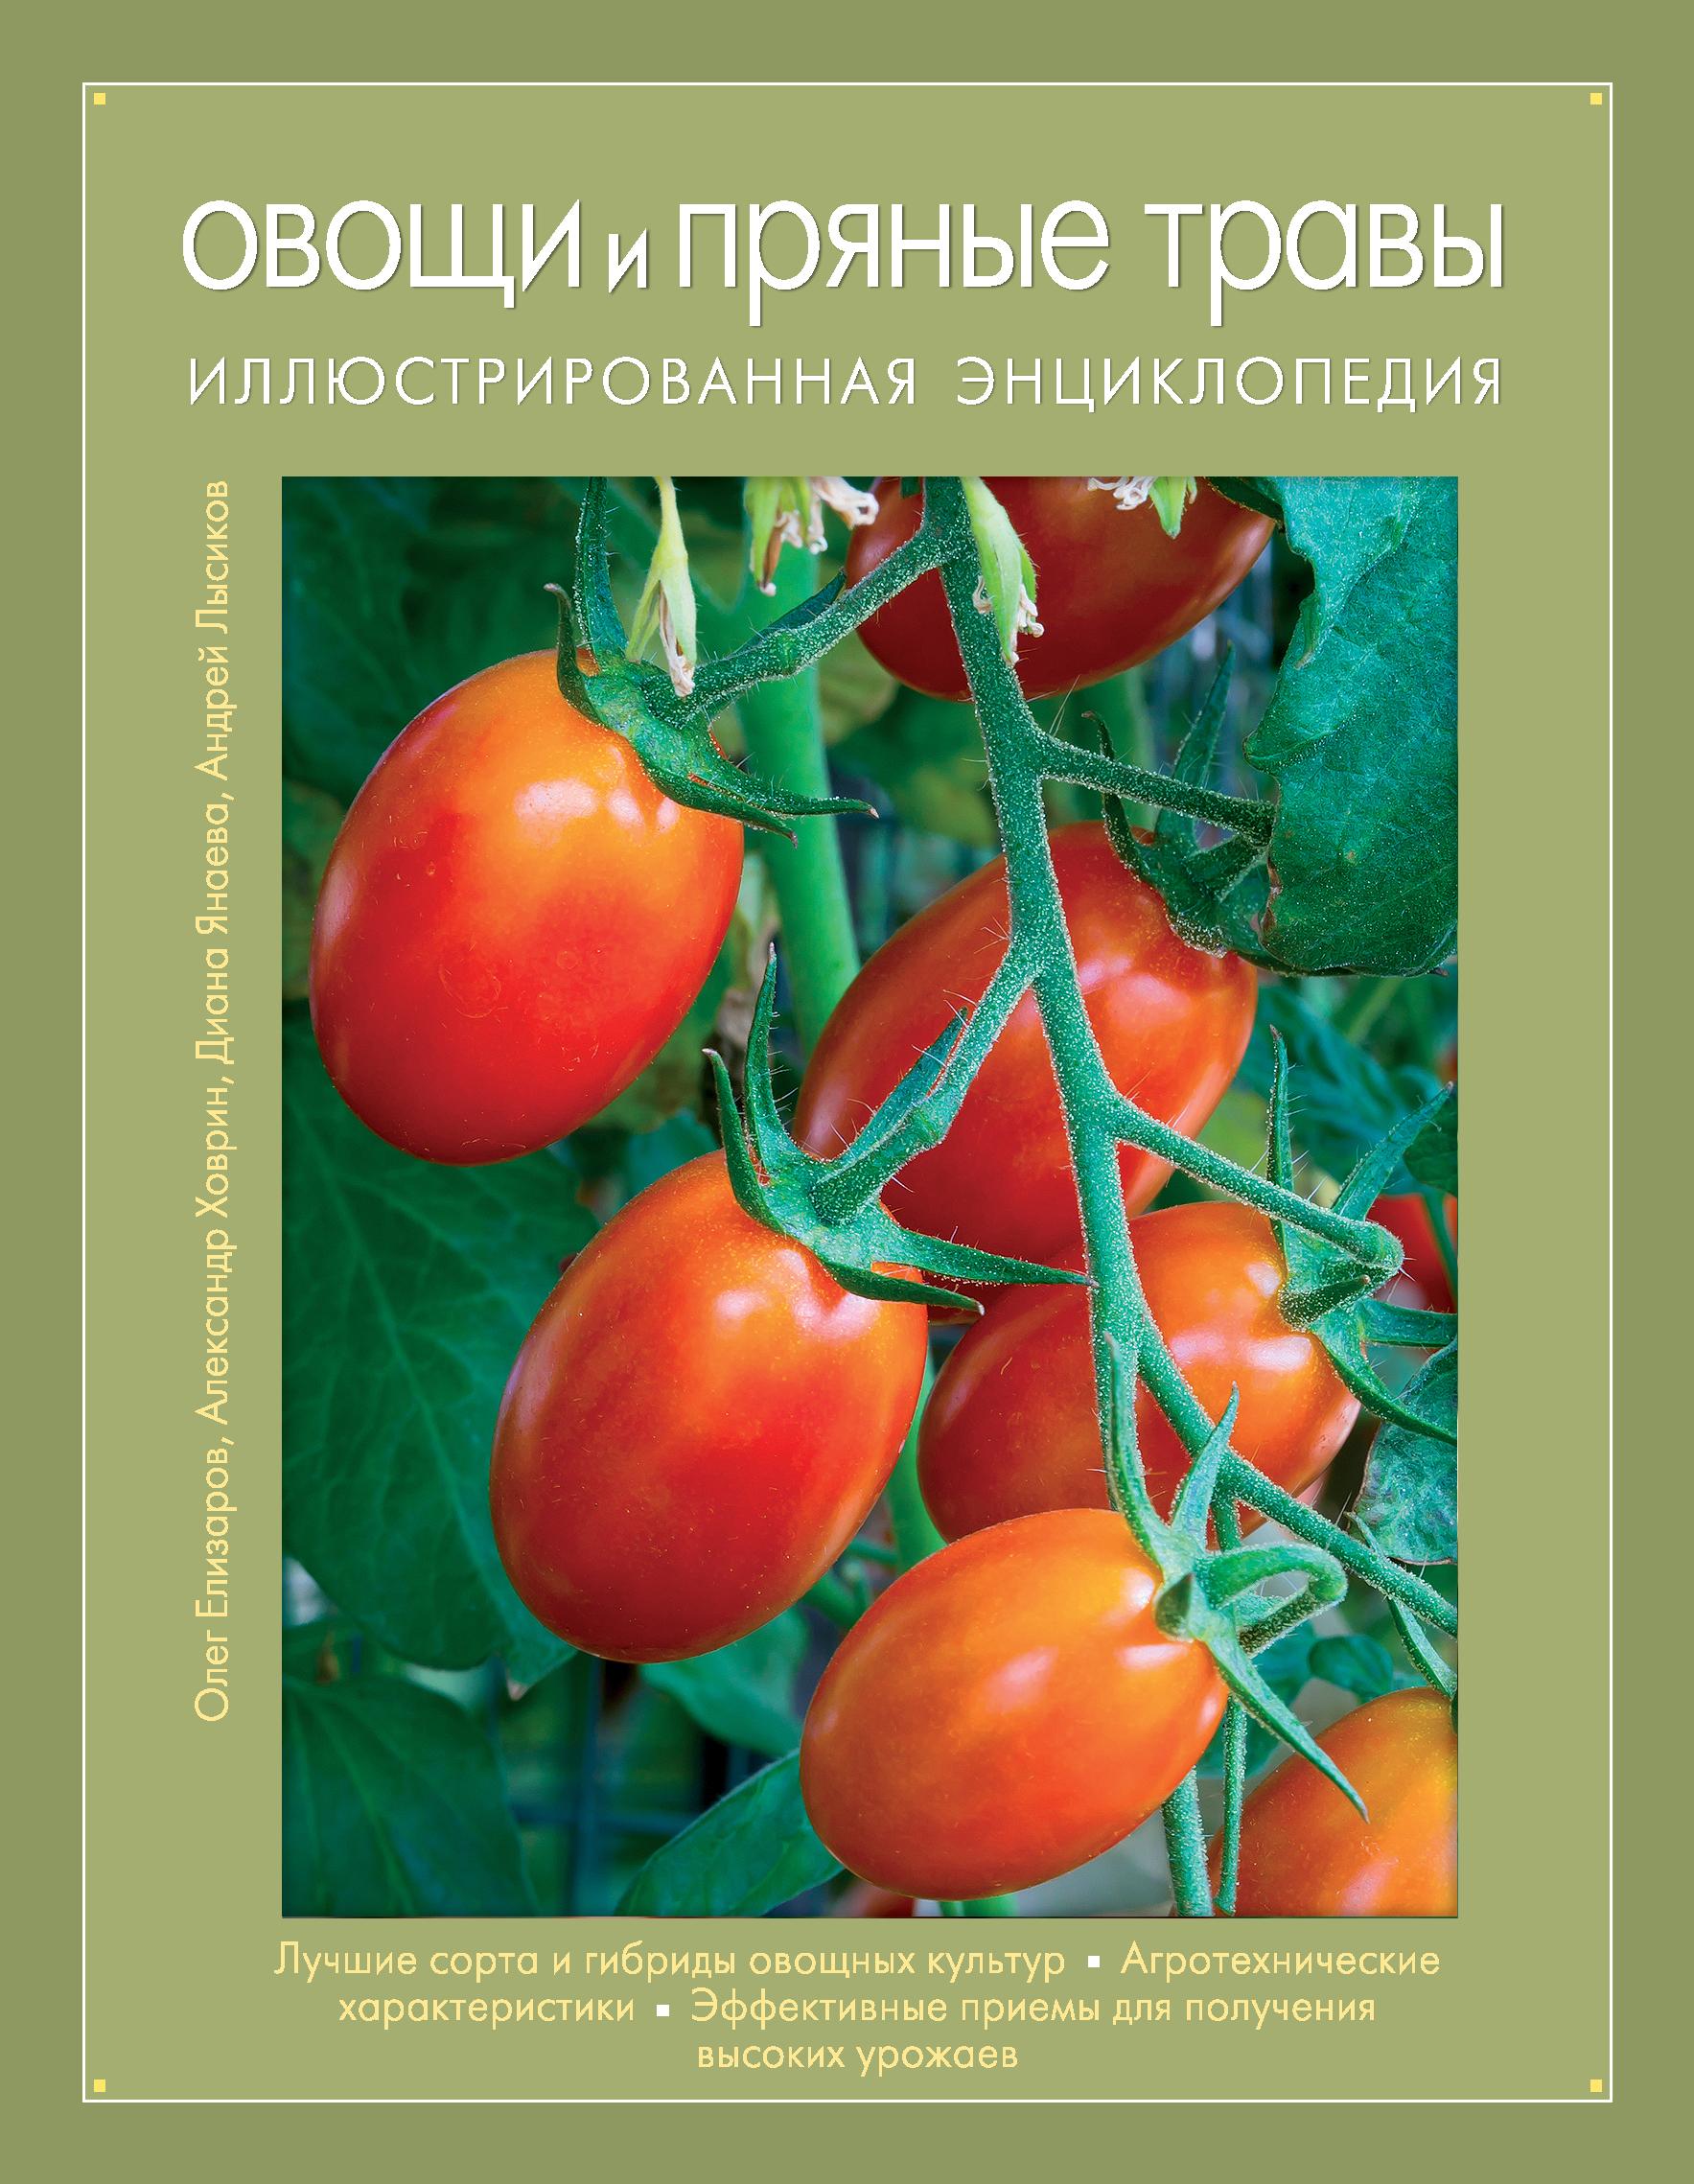 Овощи и пряные травы. Иллюстрированная энциклопедия (Книга для цветовода)